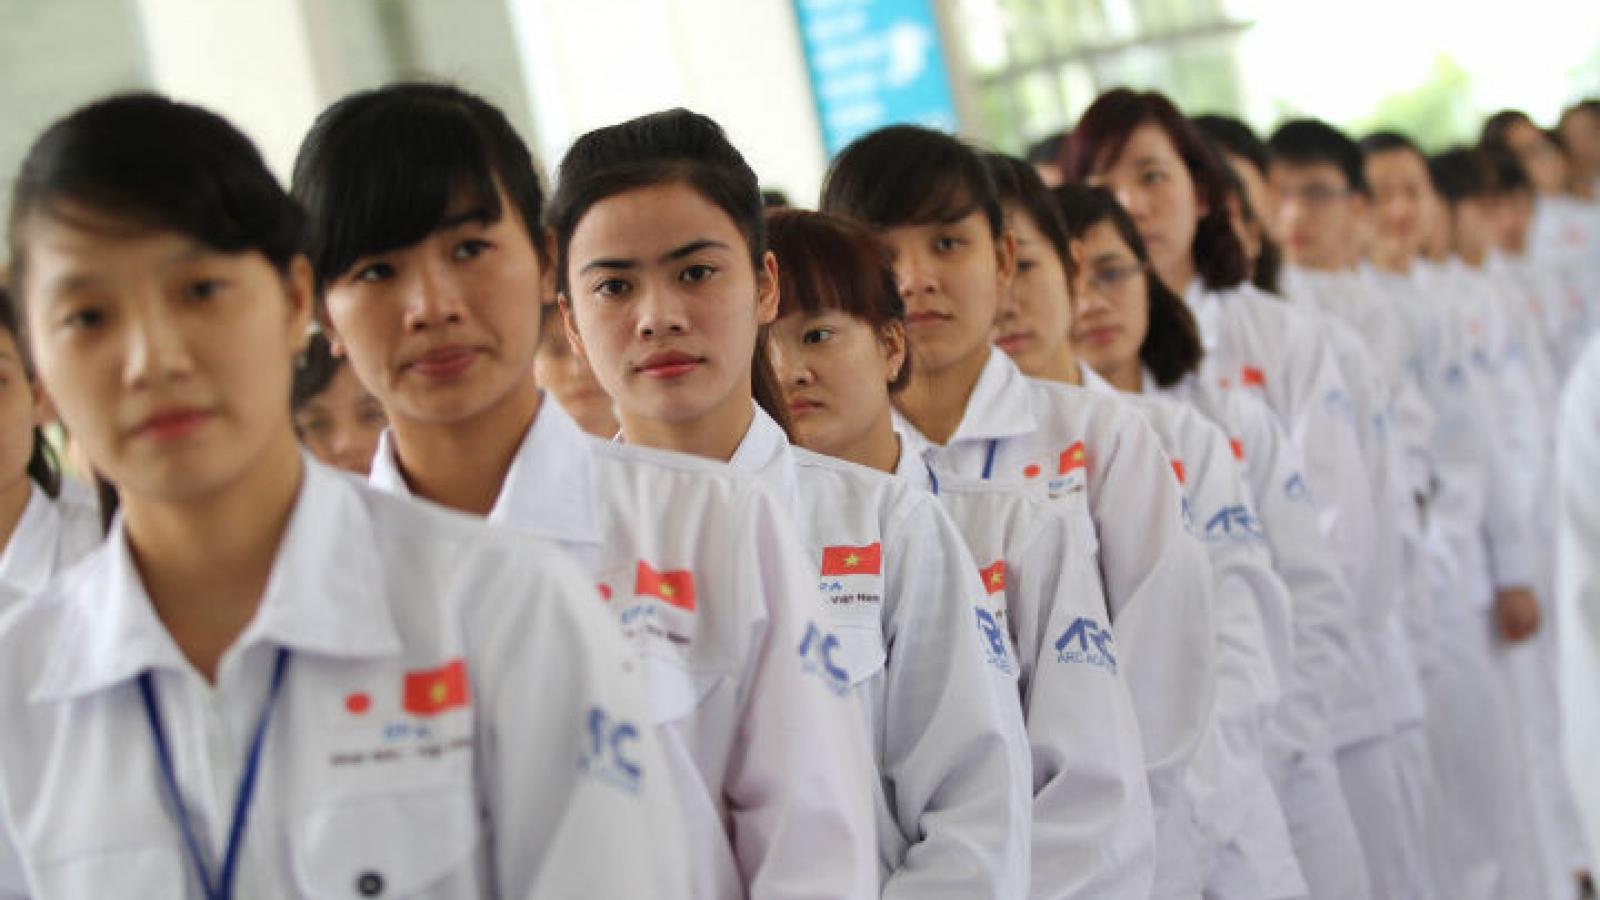 Quốc hội thông qua Luật Người lao động Việt Nam đi làm việc ở nước ngoài theo hợp đồng